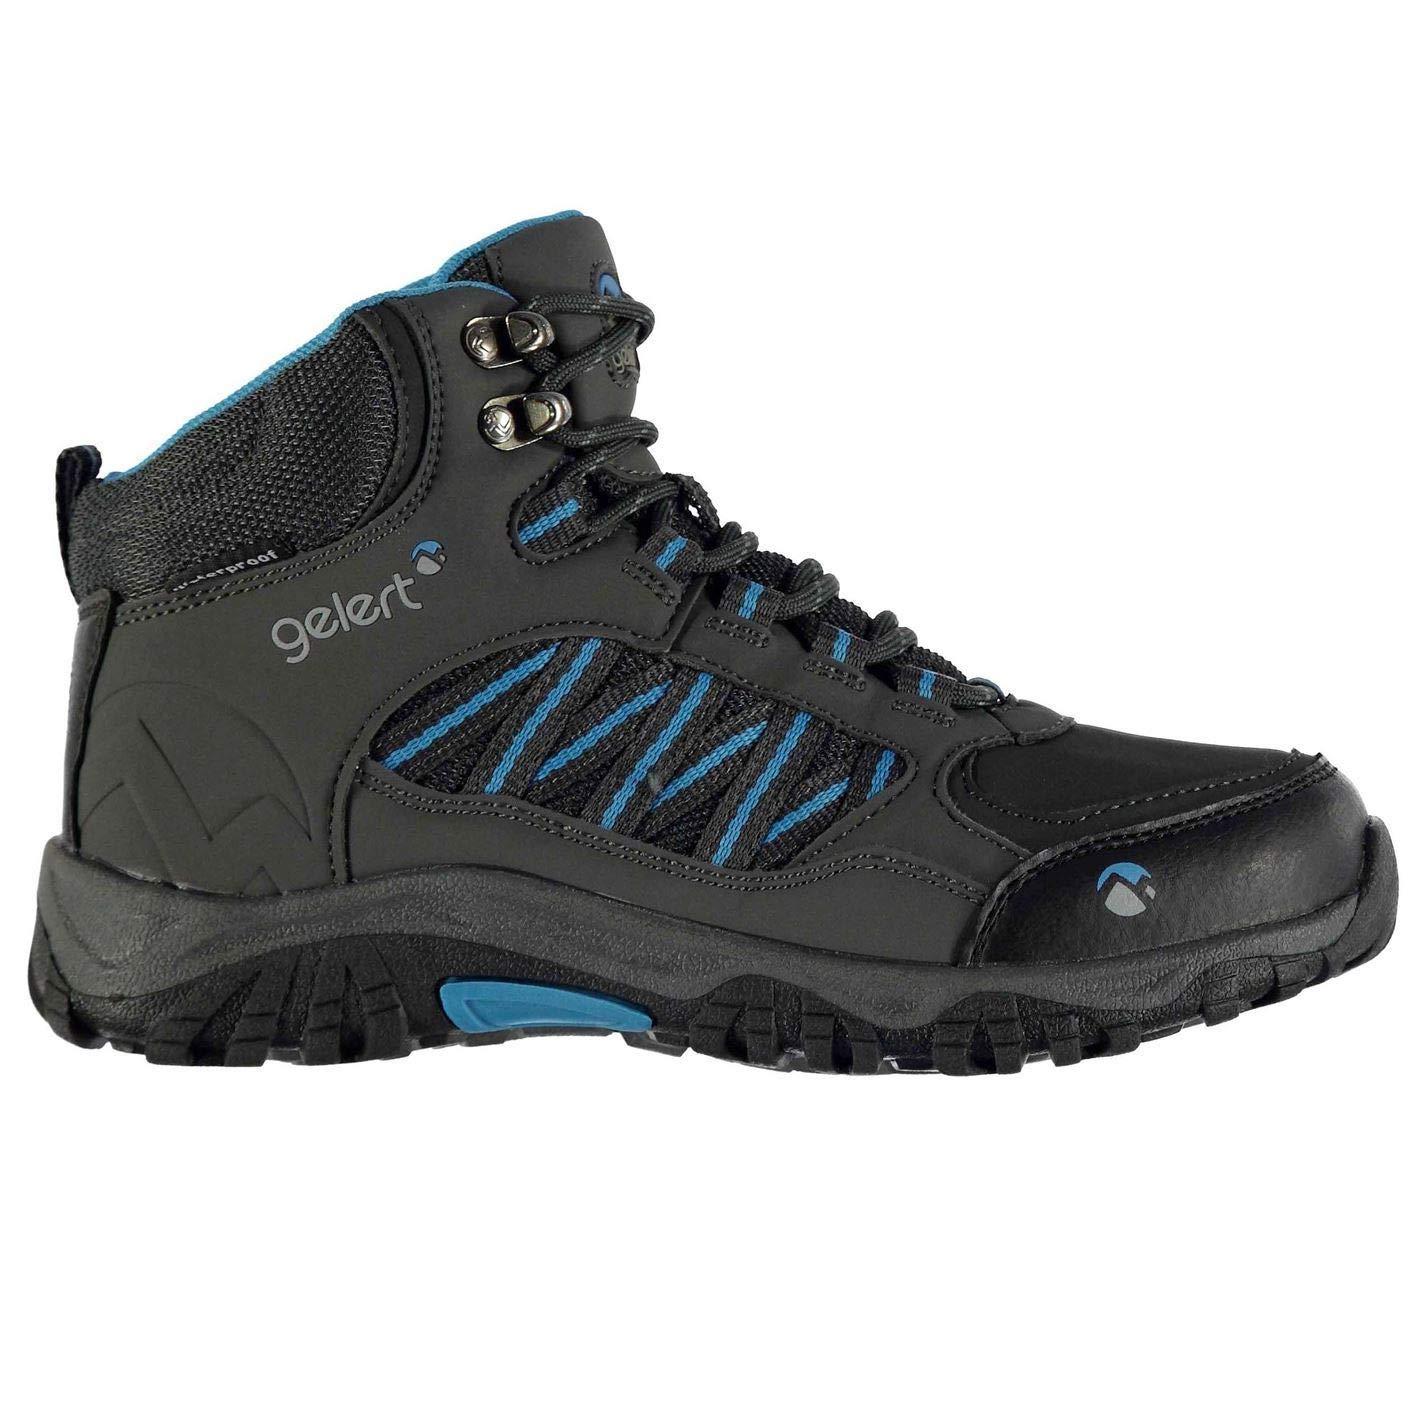 Official Brand Gelert Horizon Chaussures de Randonnée Imperméable Garçon Anthracite Bleu Randonnée Trekking Chaussures (UKC11) (EU29) (USC12)  -